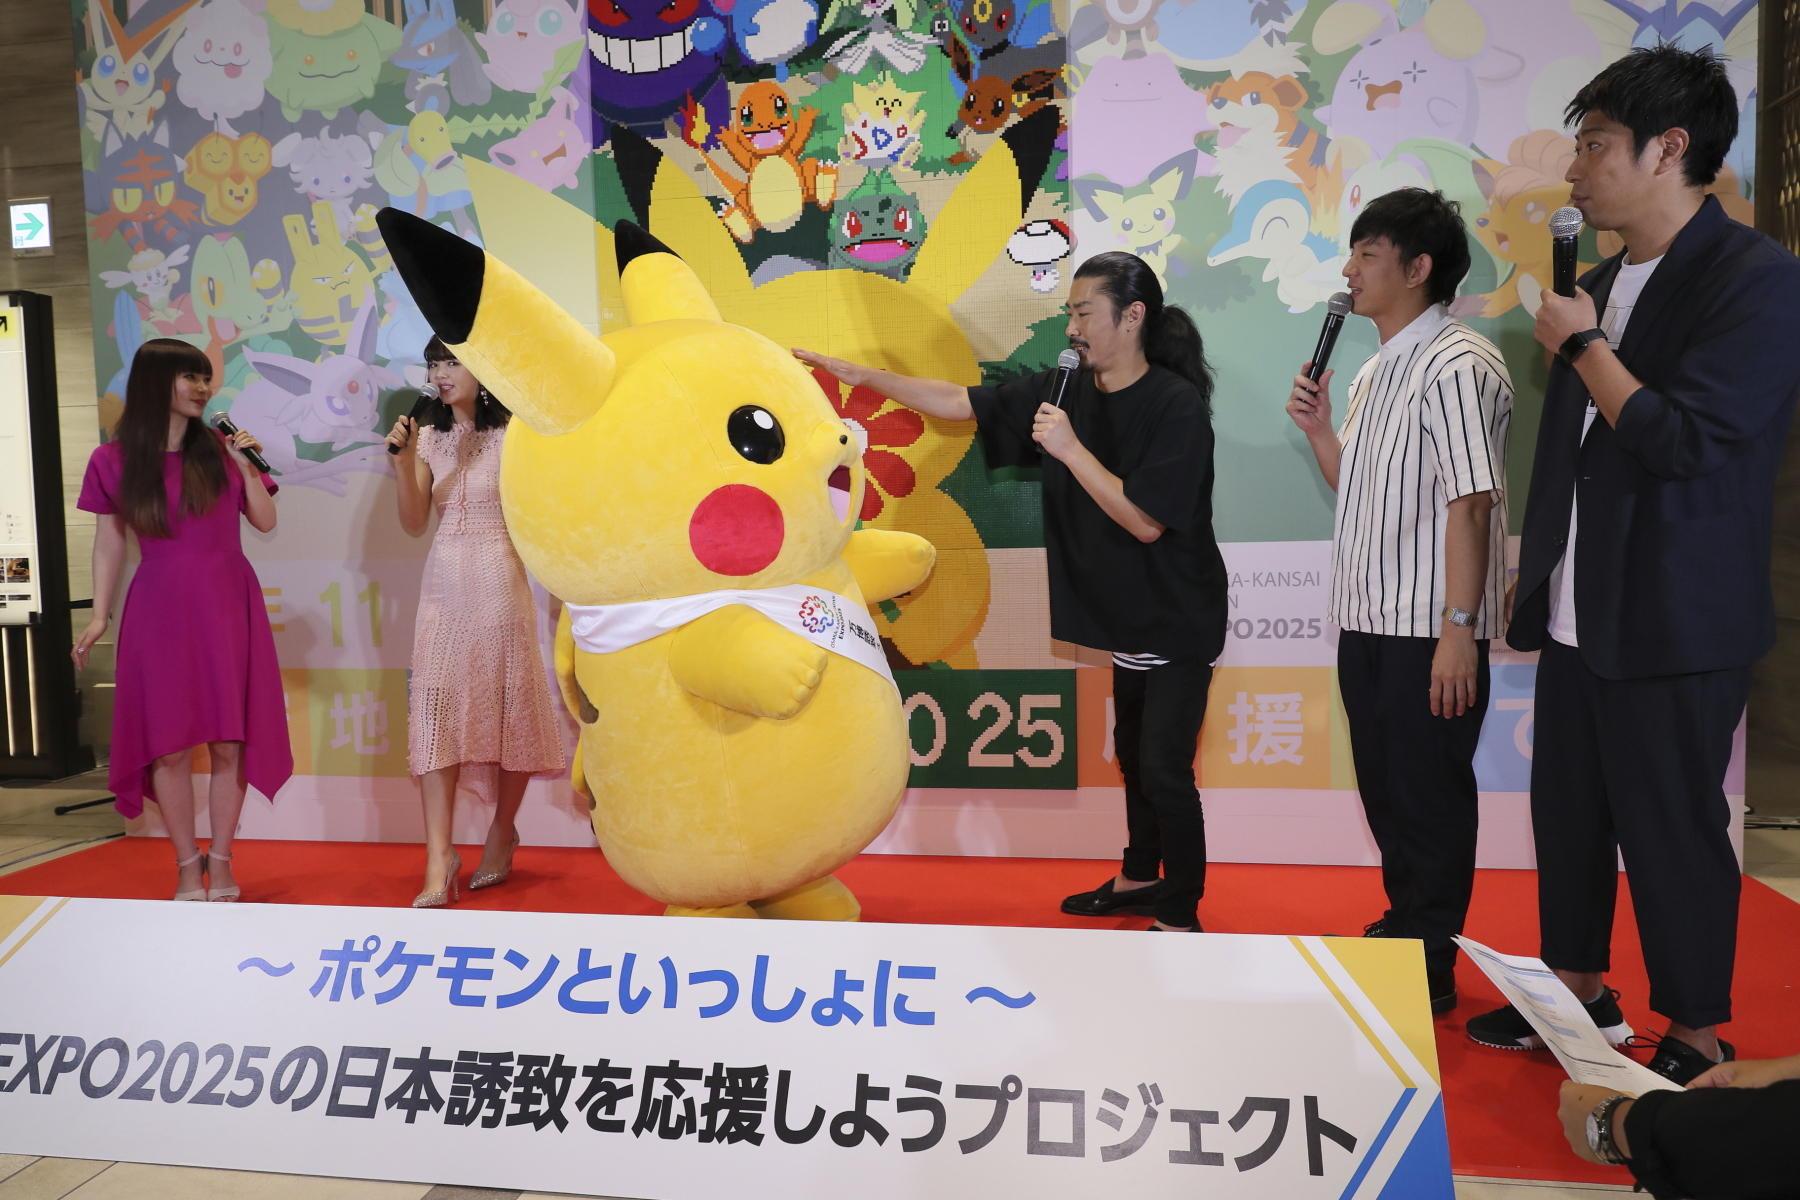 http://news.yoshimoto.co.jp/20180614195839-bc40852db4609bd0862408cea0b0ad7cb457be03.jpg